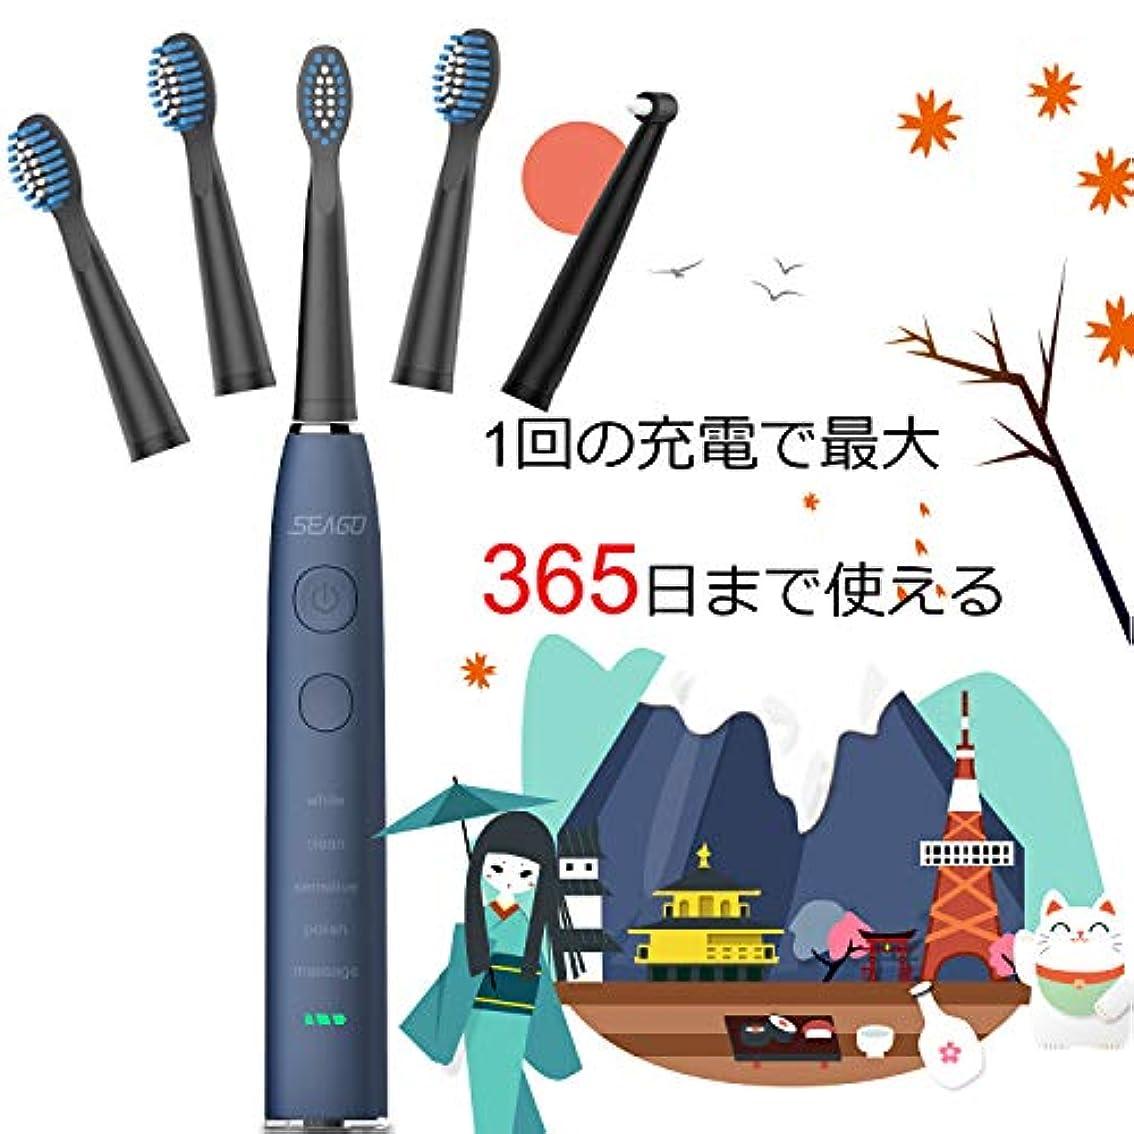 同行キャプション調和電動歯ブラシ 歯ブラシ seago 音波歯ブラシ USB充電式8時間 365日に使用 IPX7防水 五つモードと2分オートタイマー機能搭載 替えブラシ5本 12ヶ月メーカー保証 SG-575(ブルー)